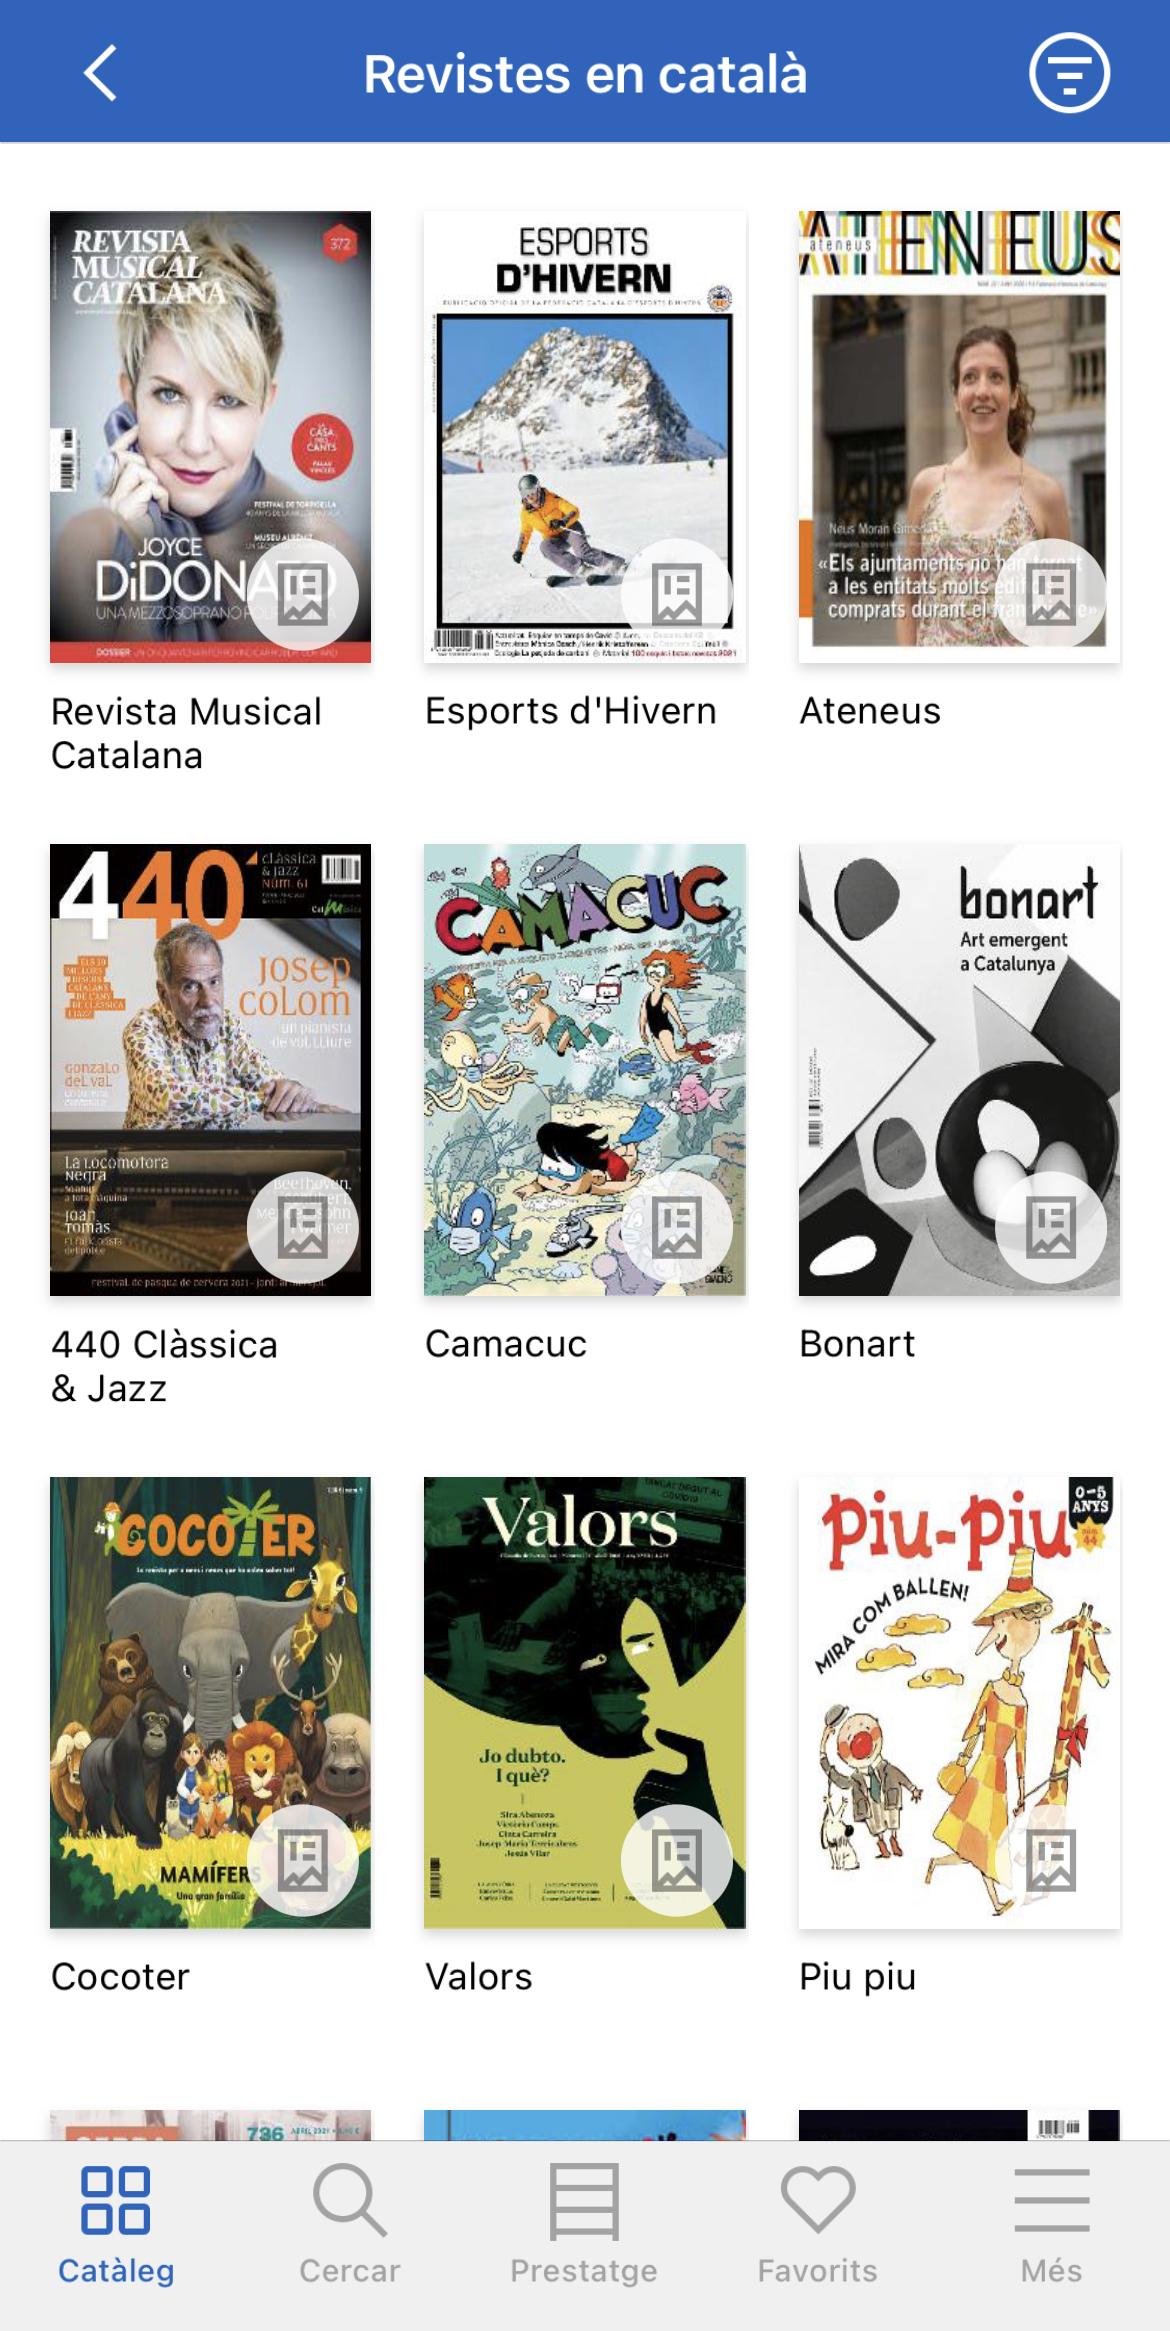 Les revistes en català